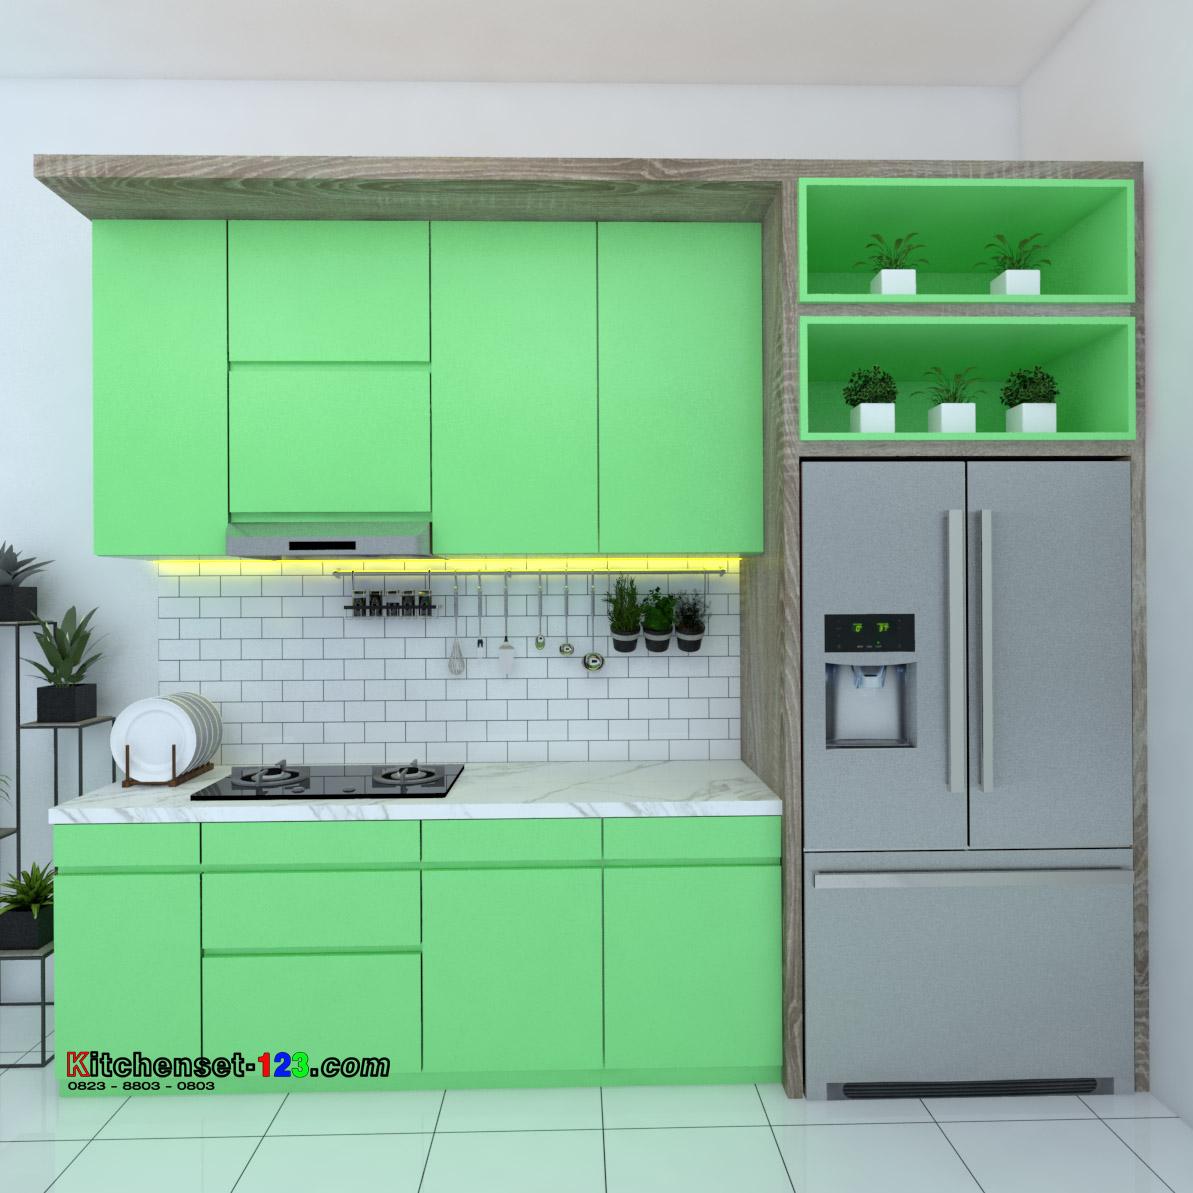 Kitchen set Bantar Gebang Bekasi